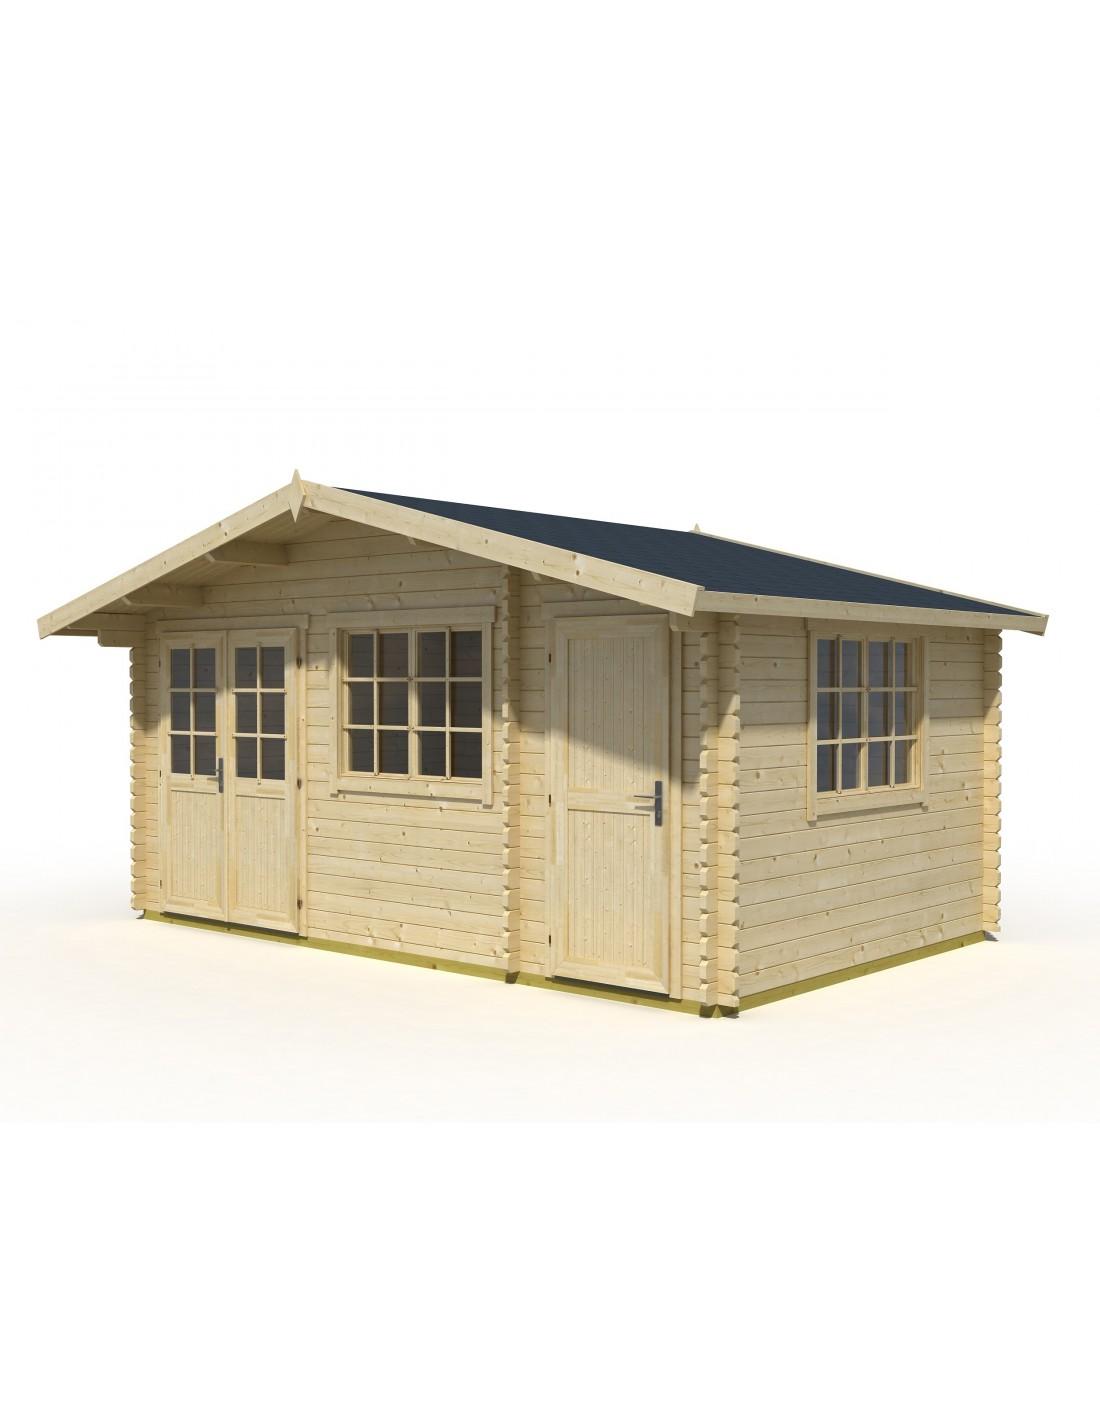 Abri de jardin borkum 15 2 m avec plancher bois massif 40 mm - Abri de jardin en bois avec plancher ...